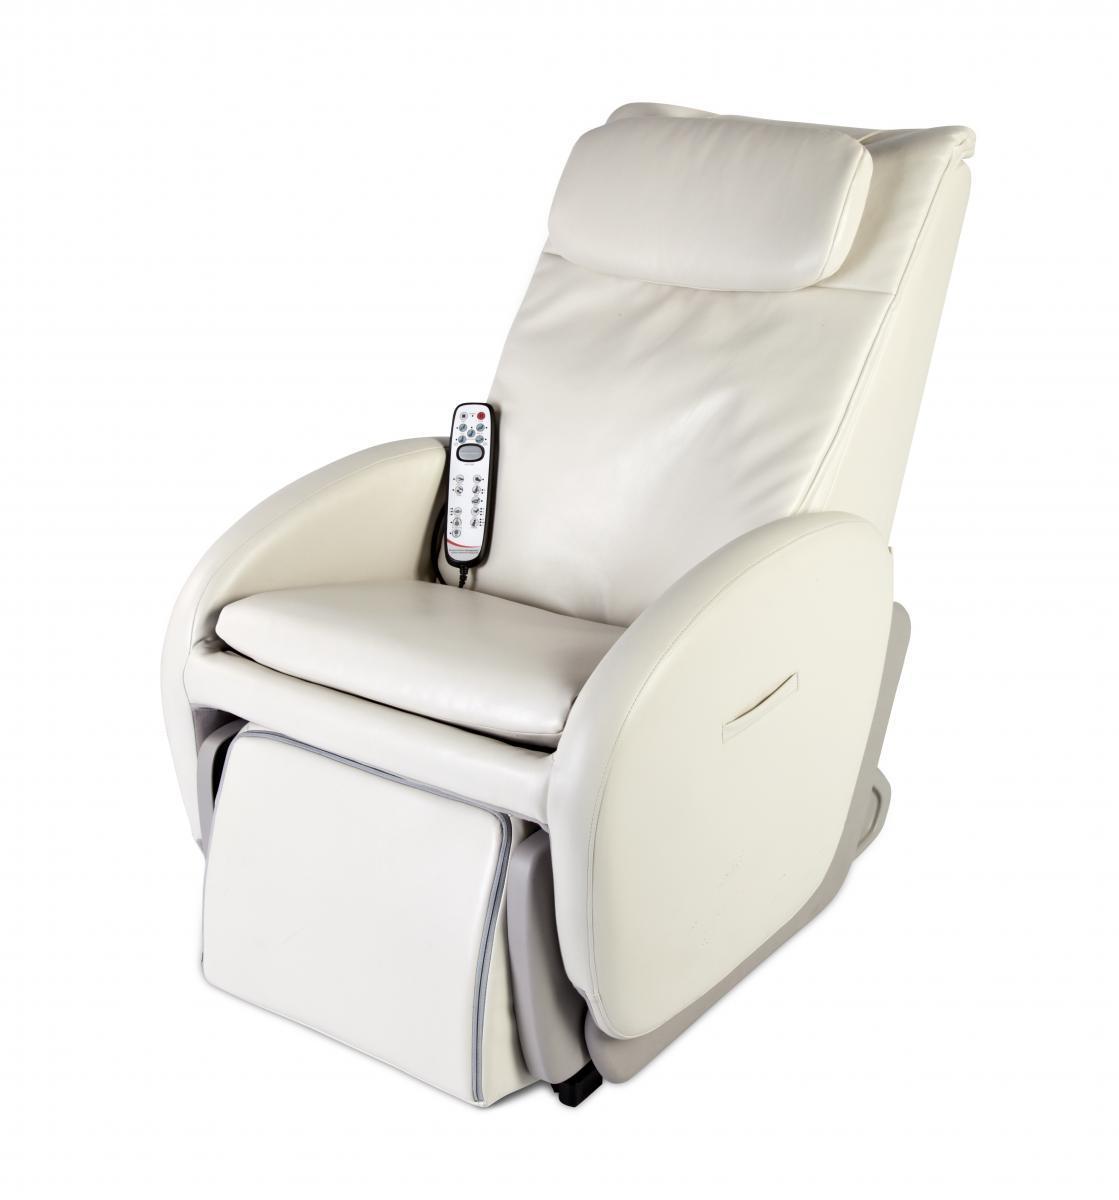 Bild 1 von Alpha Techno Premium Multifunktions-Massagesessel 7300, beige